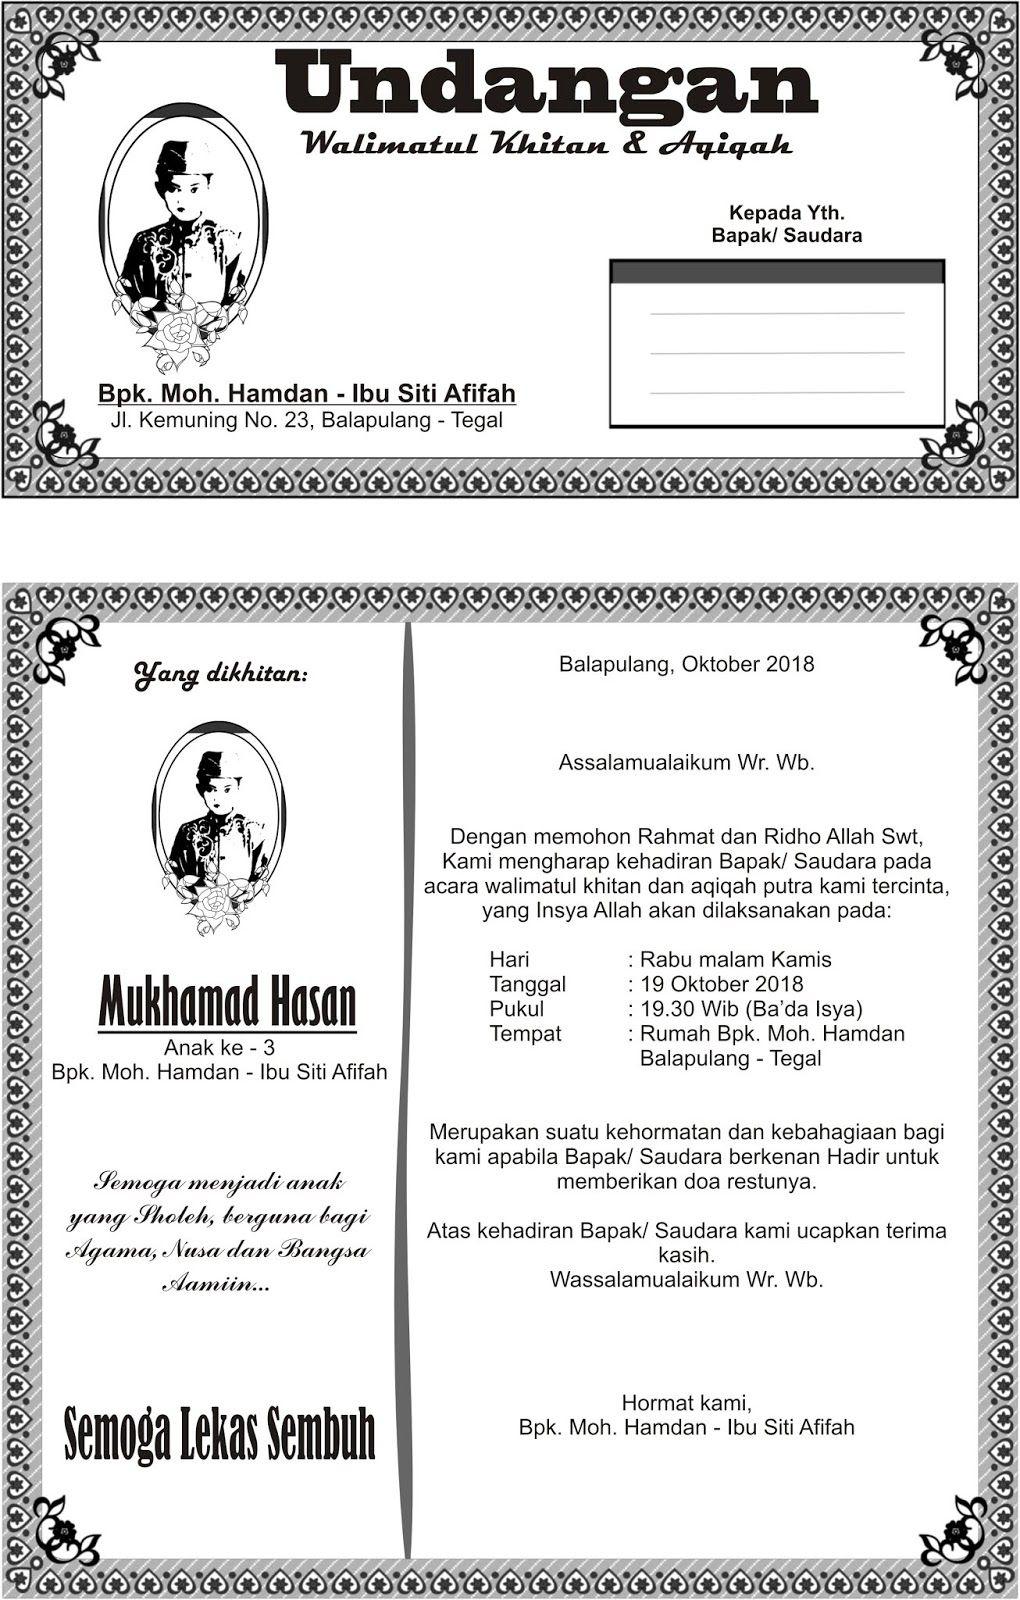 Undangan Walimatul Khitan dan Aqiqah Hamdan Undangan